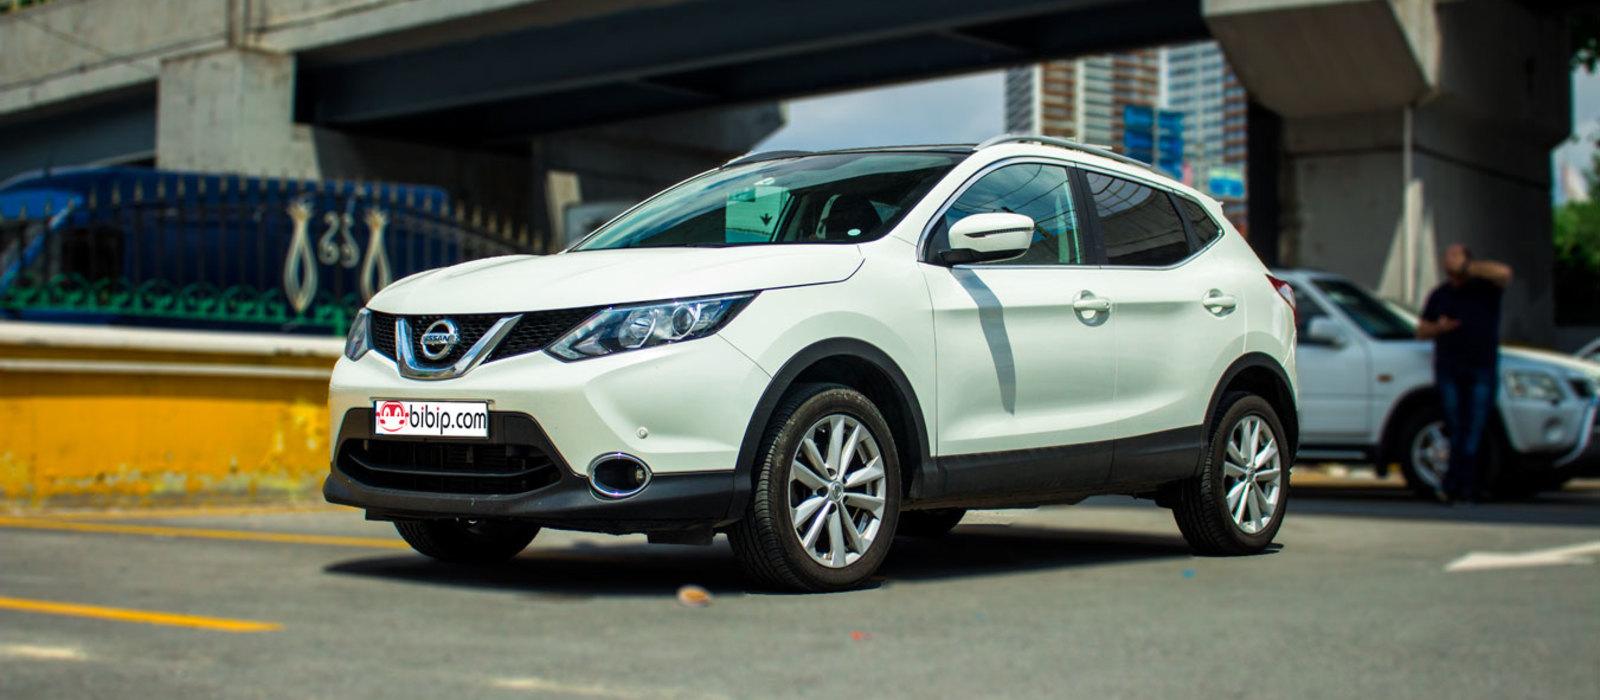 ikinci el araba 2016 Nissan Qashqai 1.6 dCi Tekna Sky Pack Dizel Otomatik 34210 KM